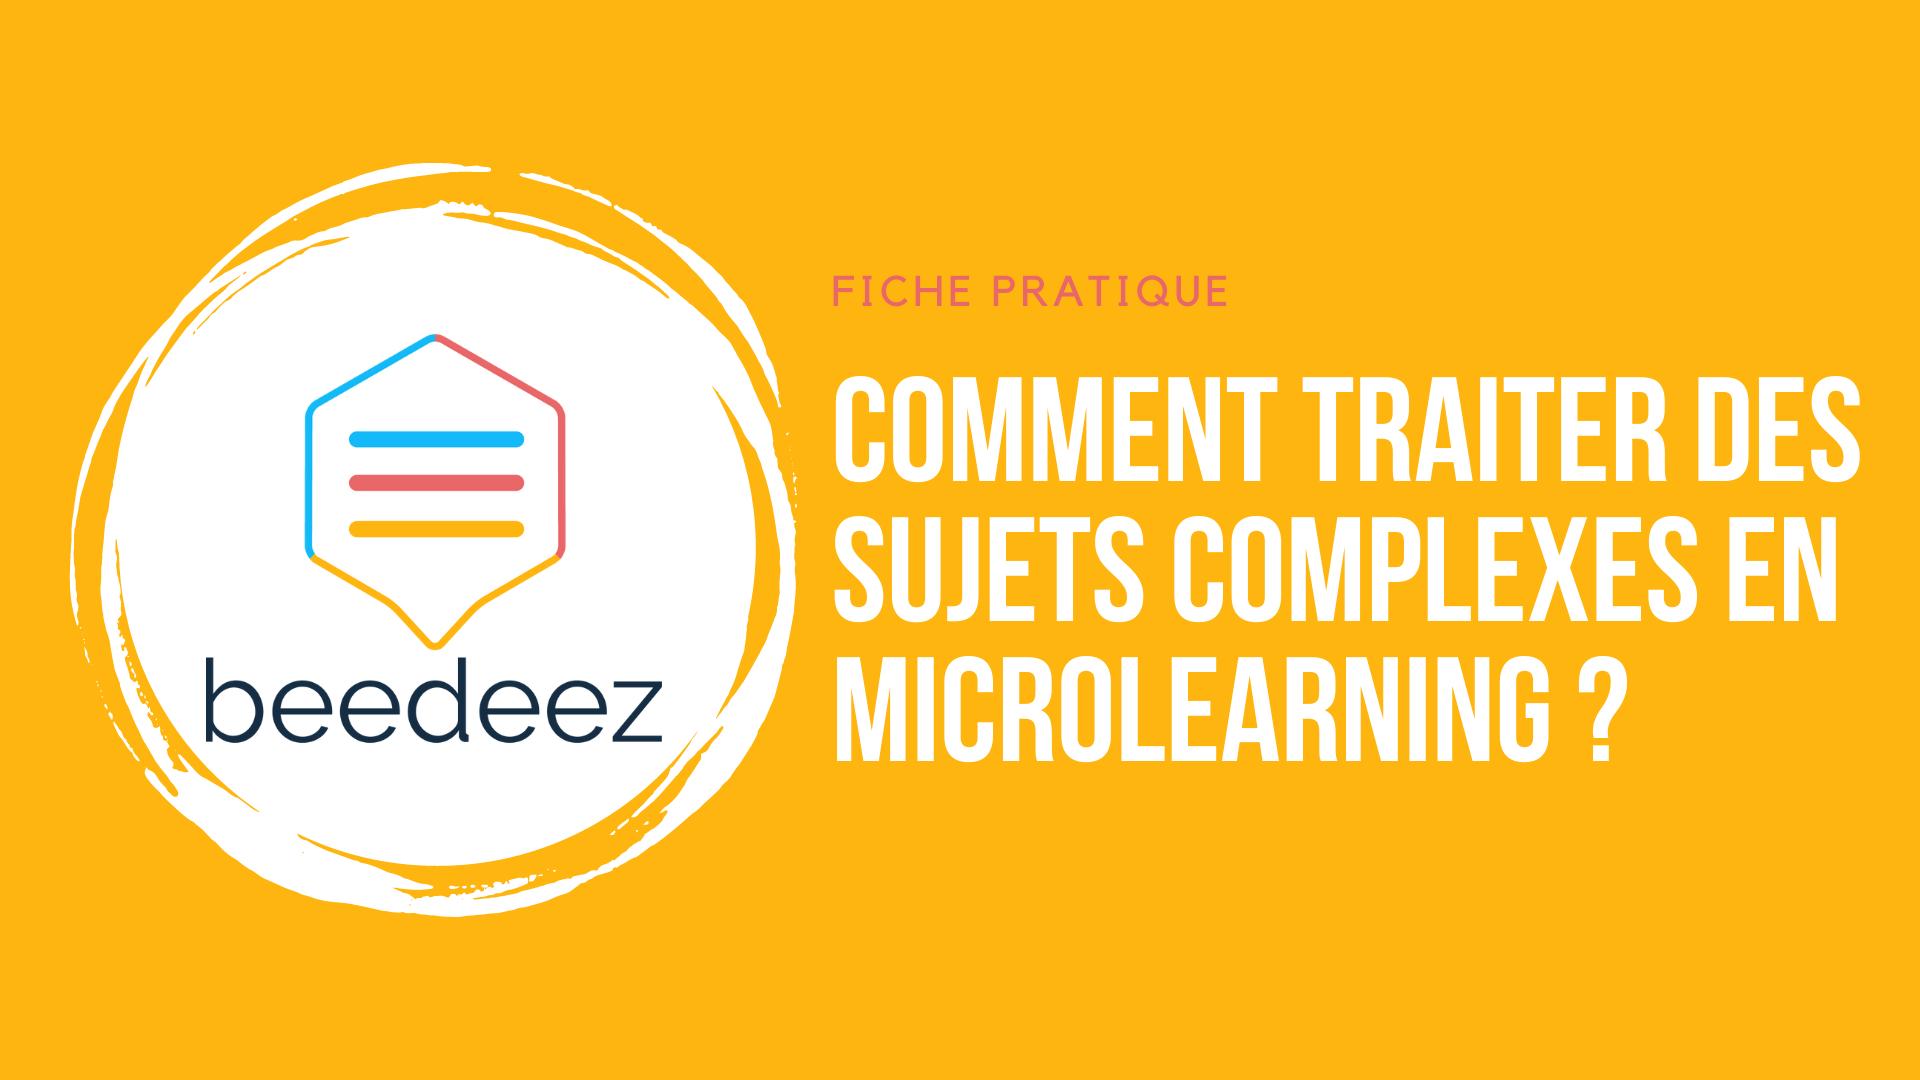 comment traiter des sujet complexes en microlearning